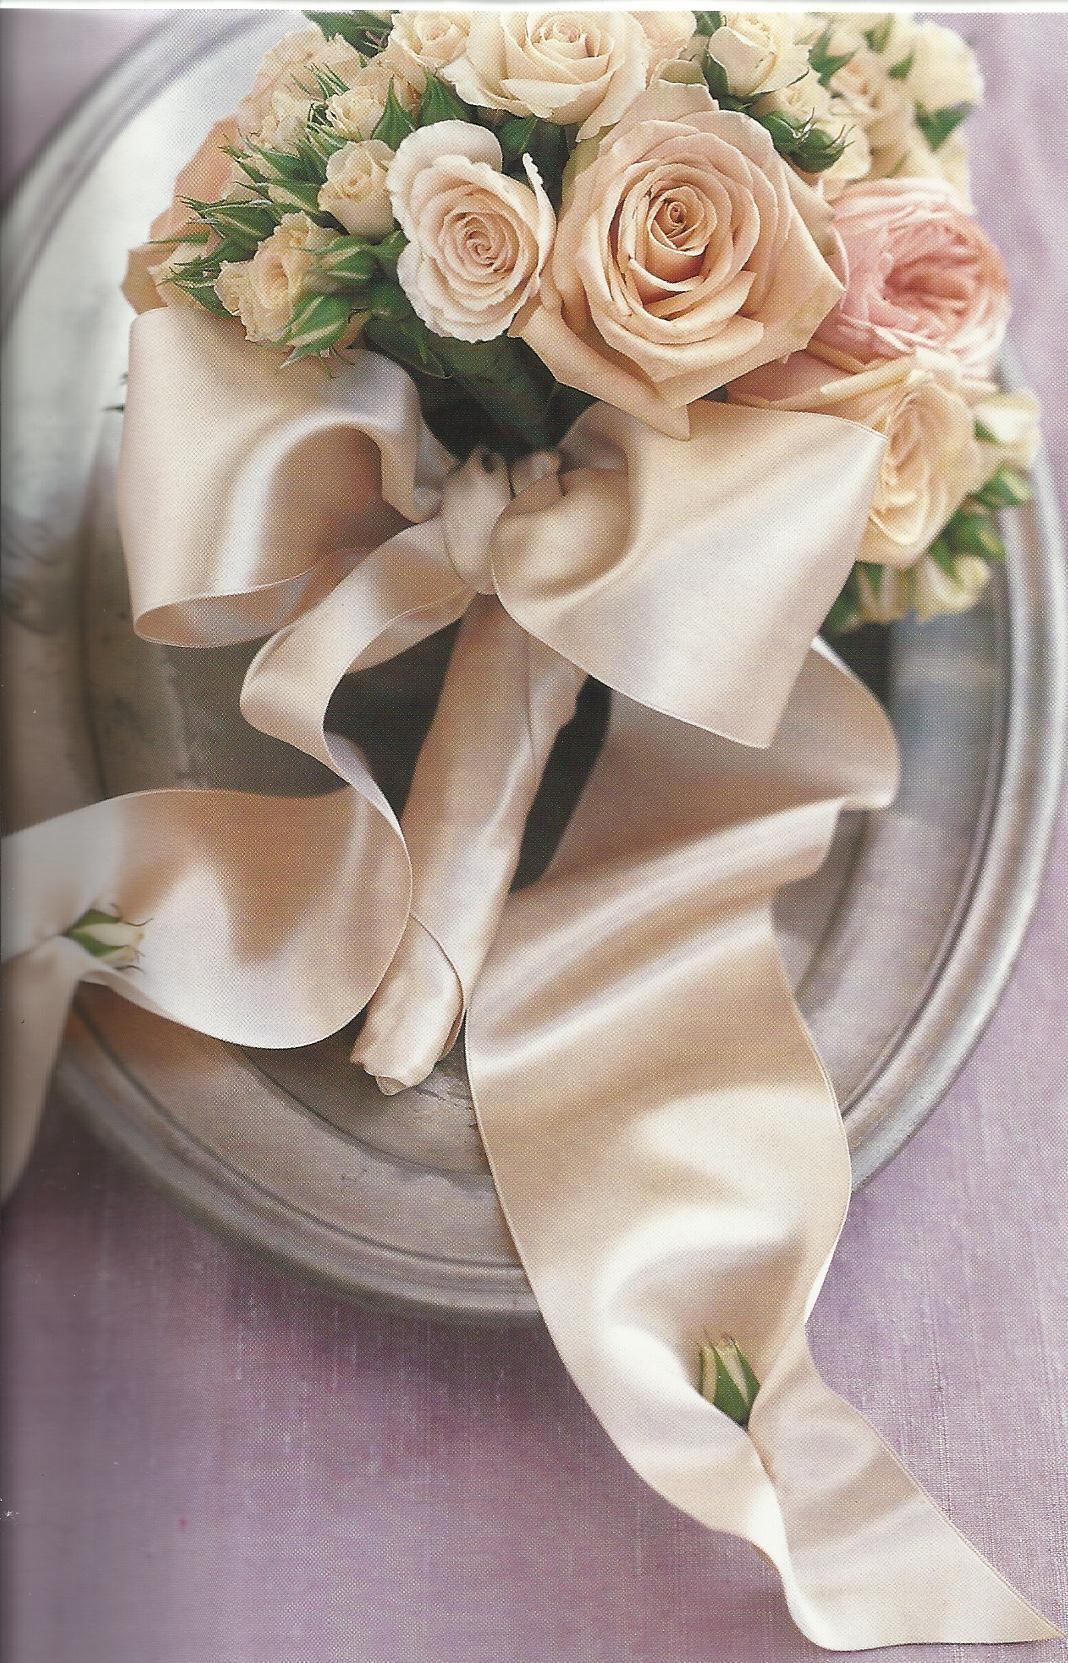 Matrimonio Tema Rosa Cipria : Bouquet sposa romantico color cipria bridal in bouquet